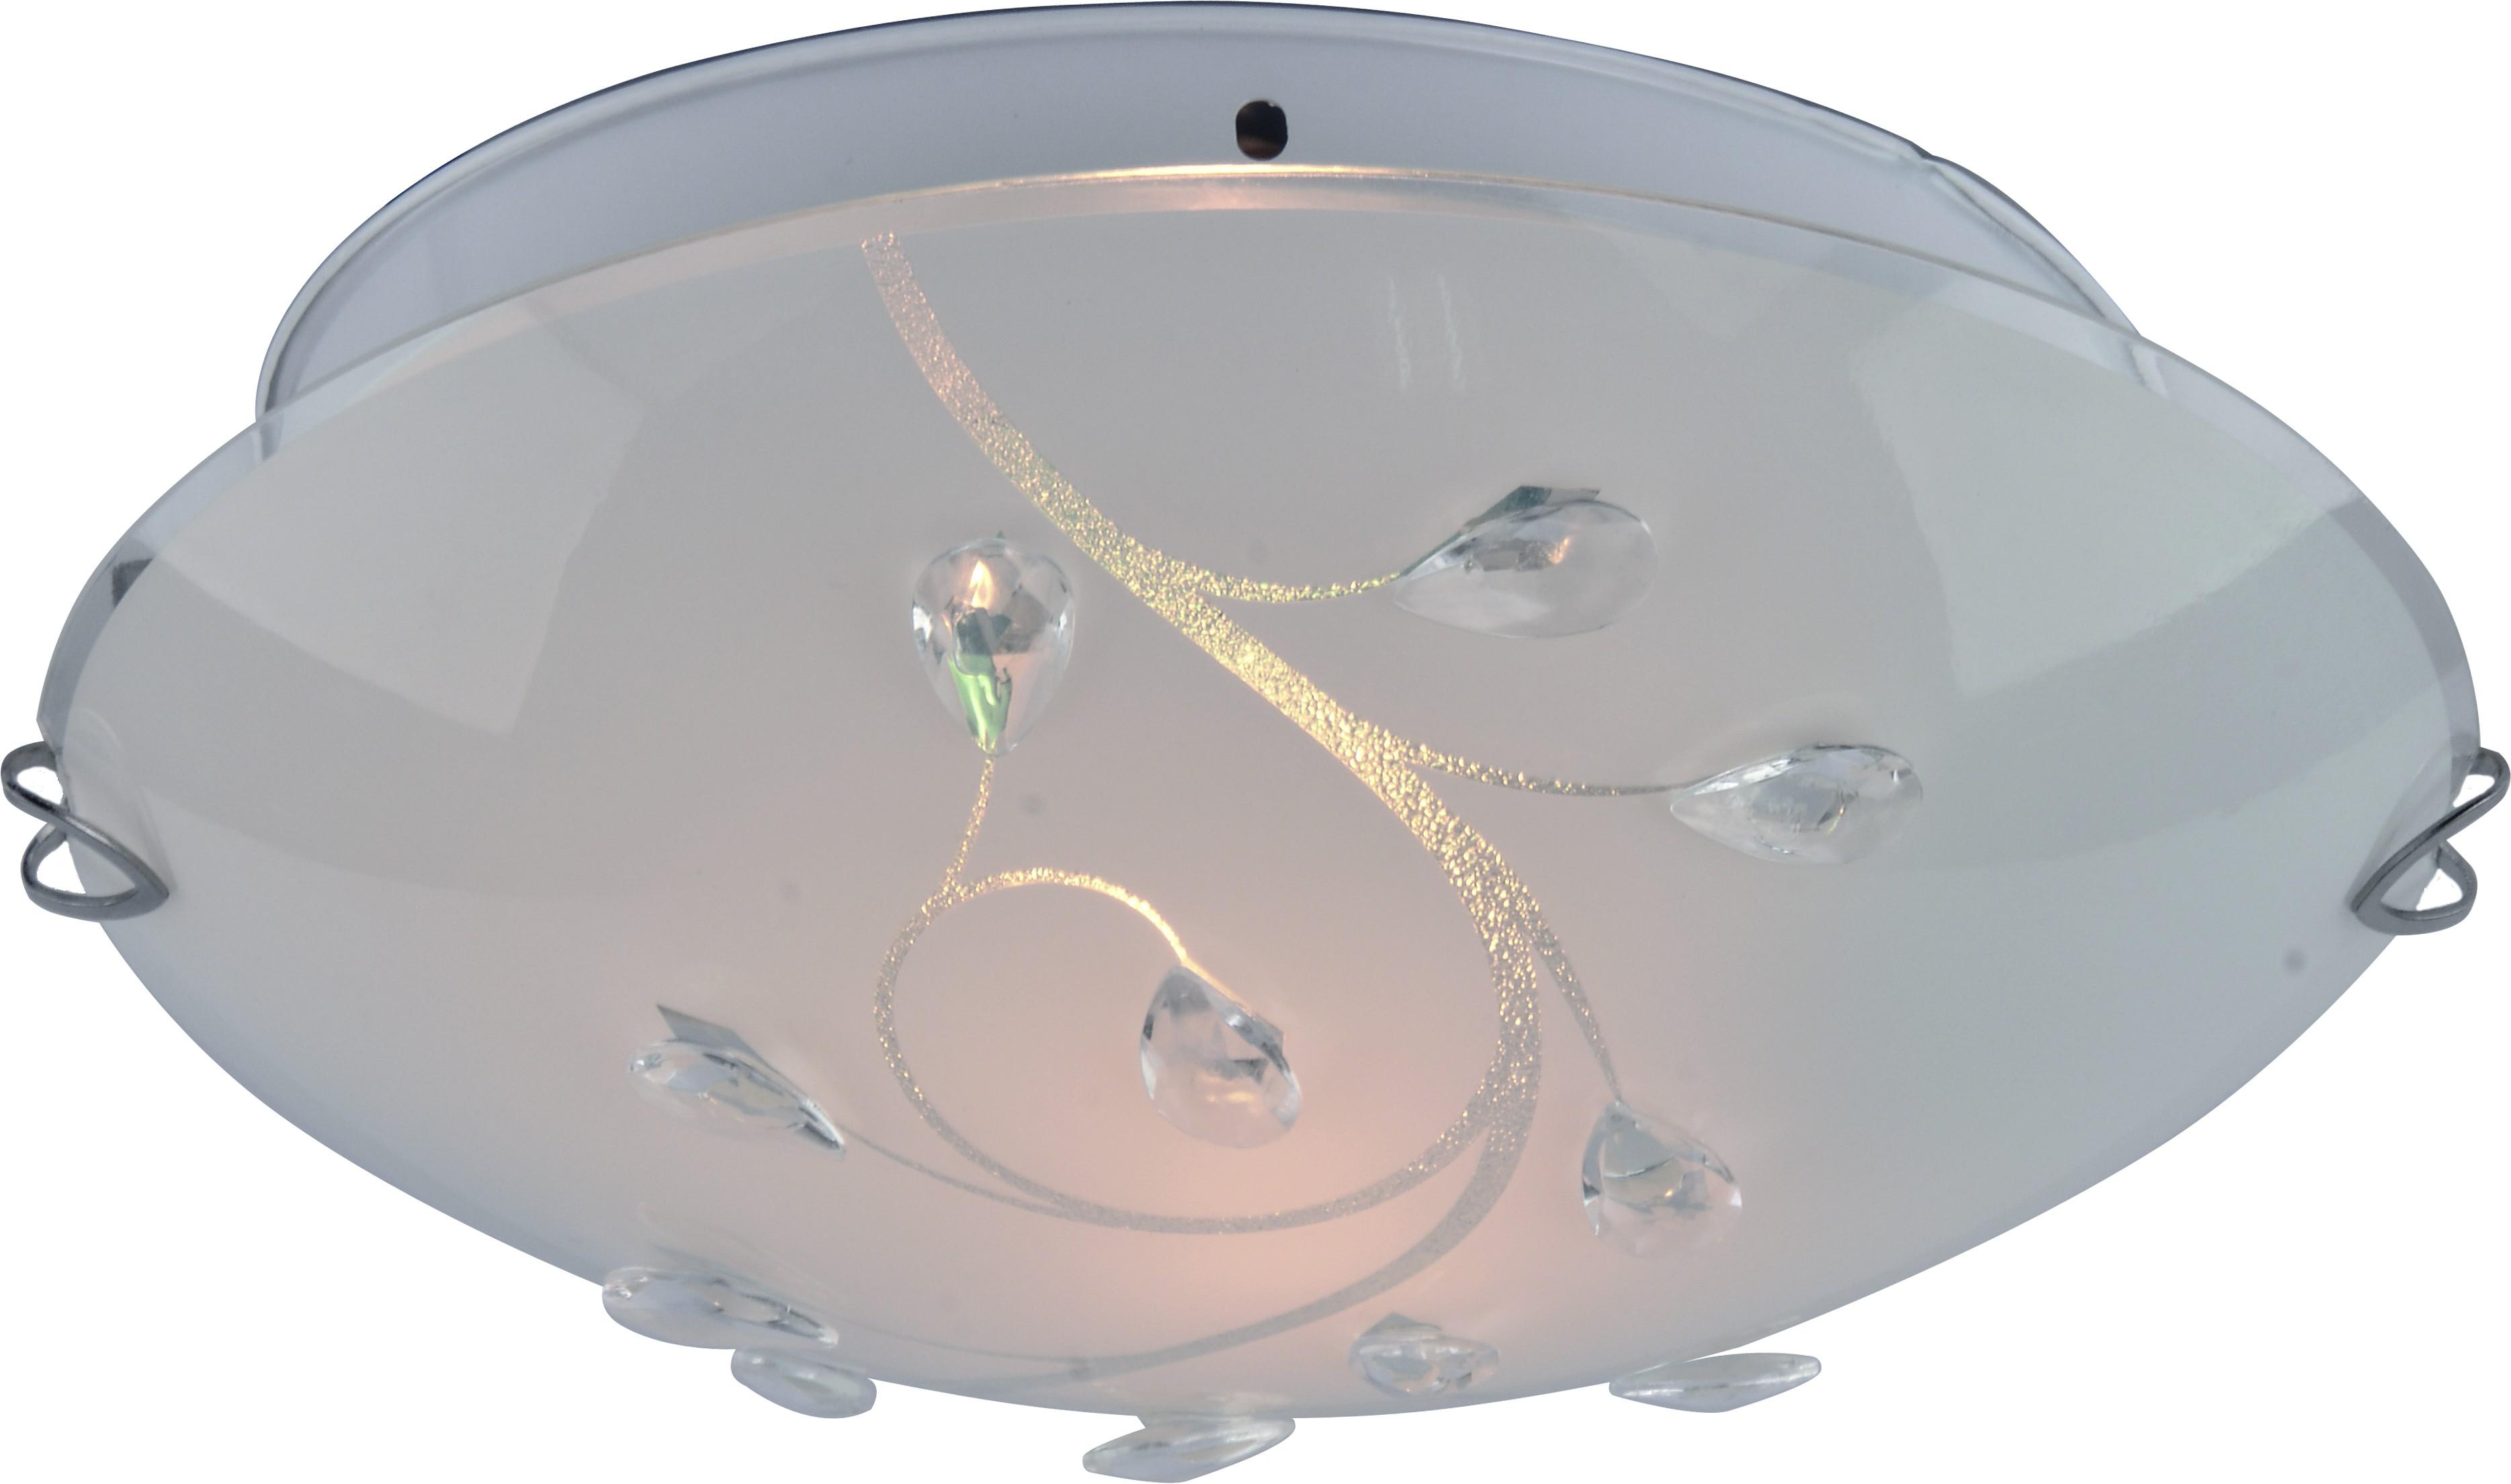 Светильник настенно-потолочный Arte lamp A4040pl-2cc светильник потолочный arte lamp jasmine a4040pl 2cc